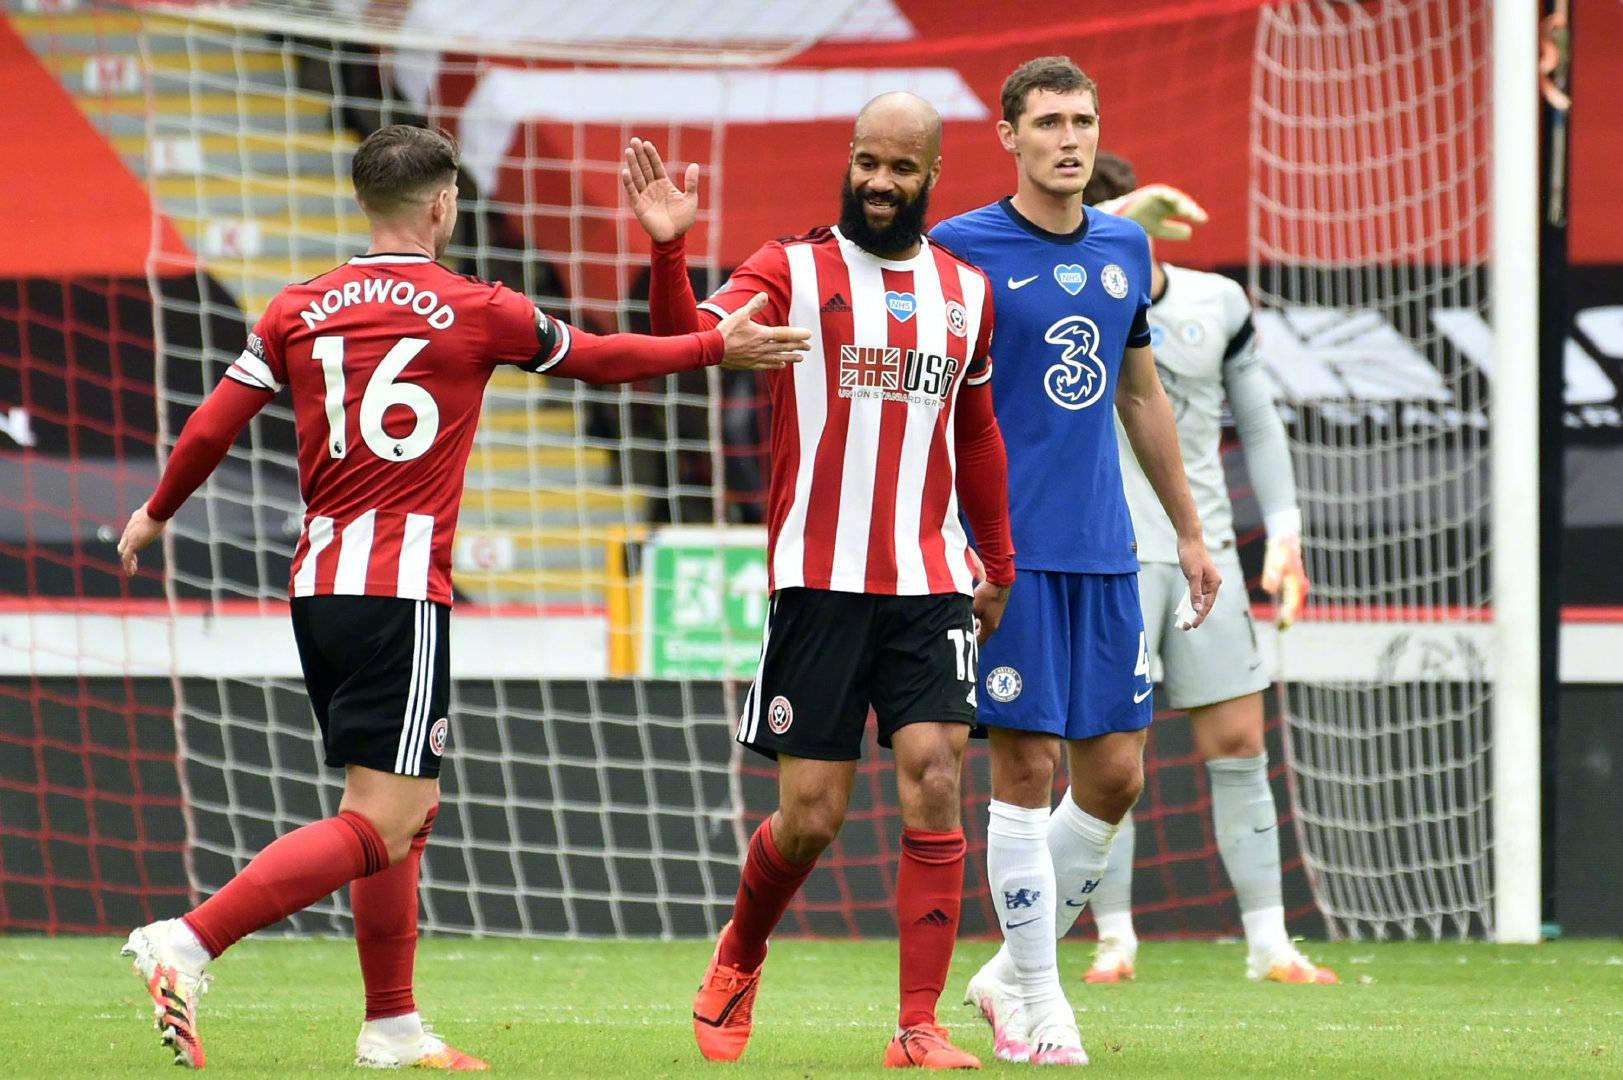 英超第三十五轮切尔西客场0:3谢菲尔德联,麦戈德里克打进两球